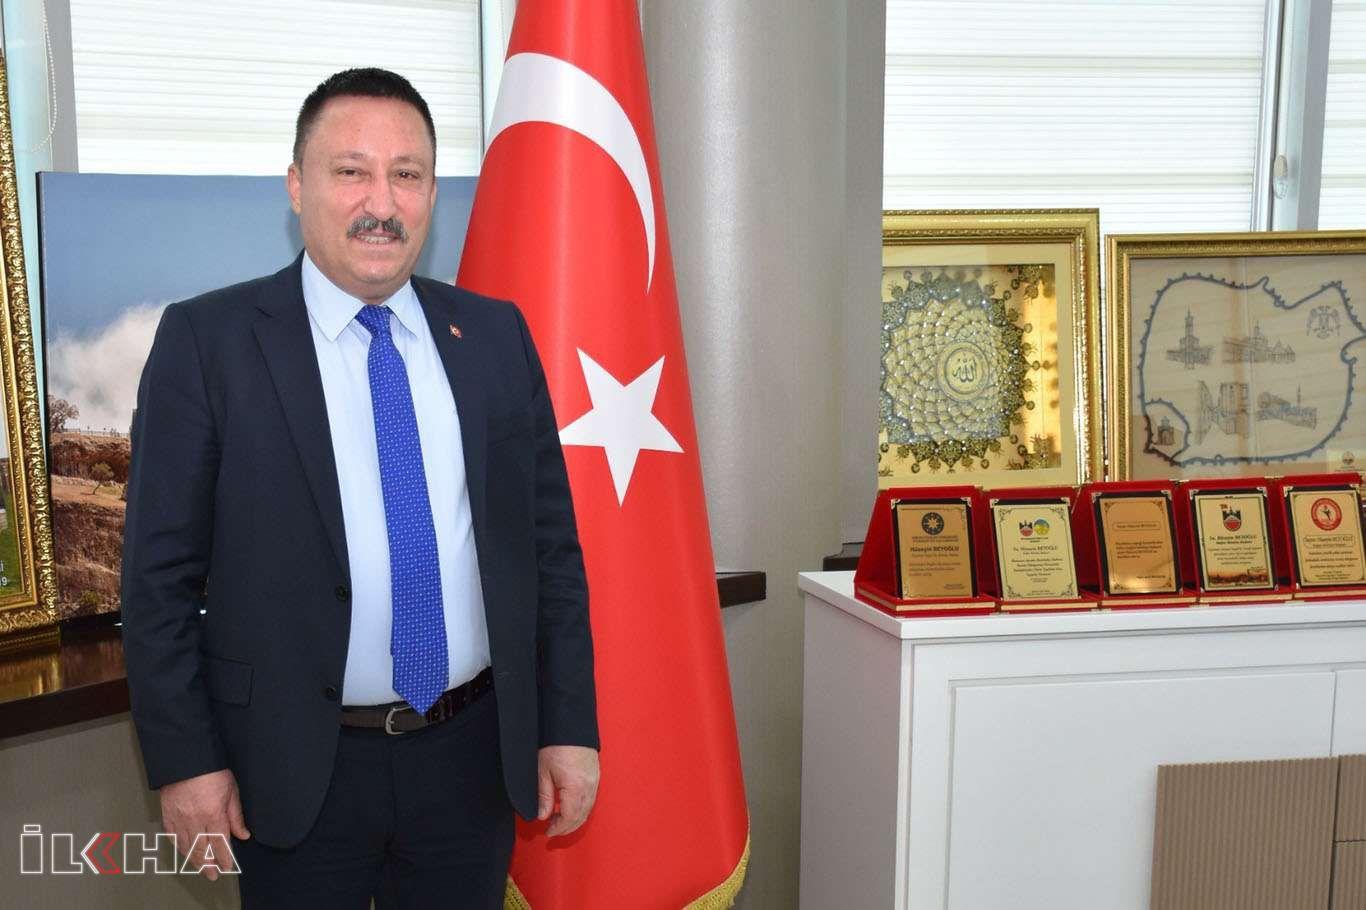 Bağlar Belediye Başkanı Beyoğlu, Öğretmenler Günü dolayısıyla bir mesaj yayımladı